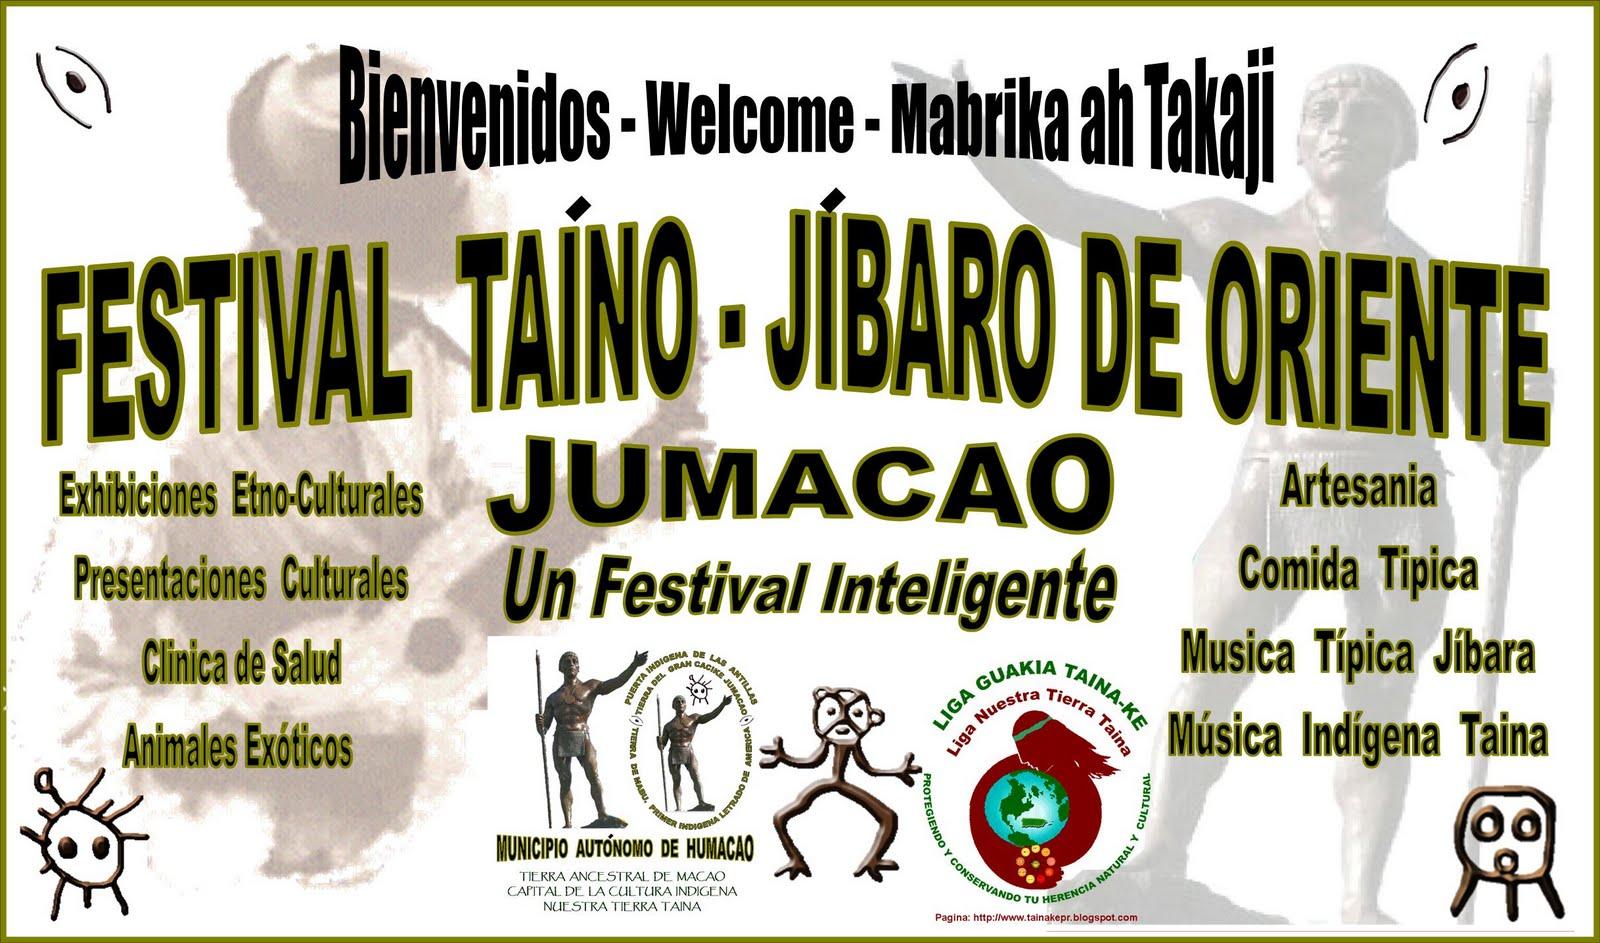 3er  Festival  Taino  Jibaro  de  Oriente